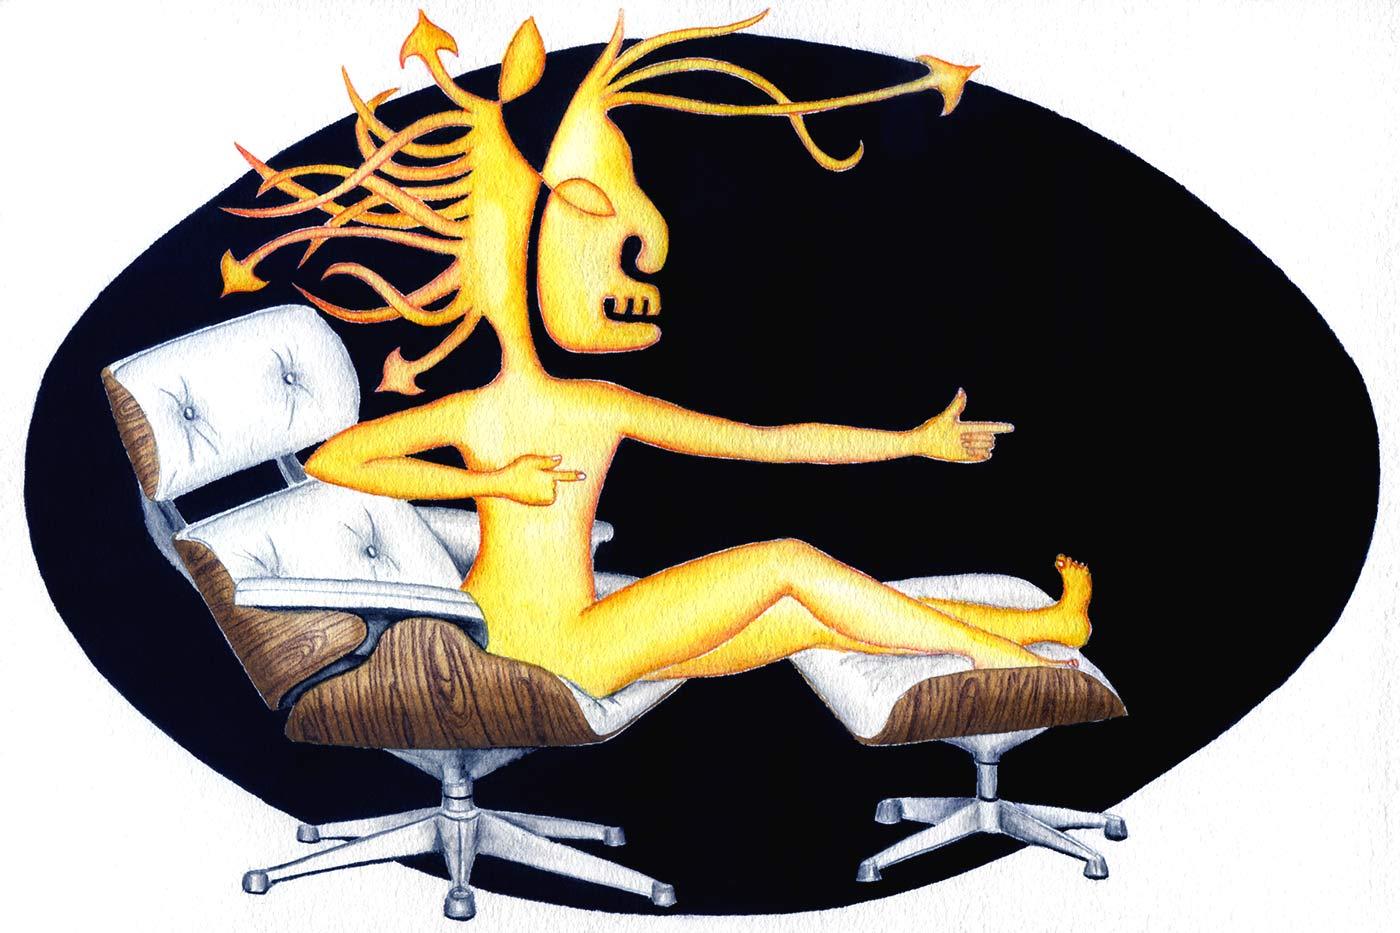 Sagittaire sur un fauteuil lounge de Eames | 2018 <br/>20 x 30 cm